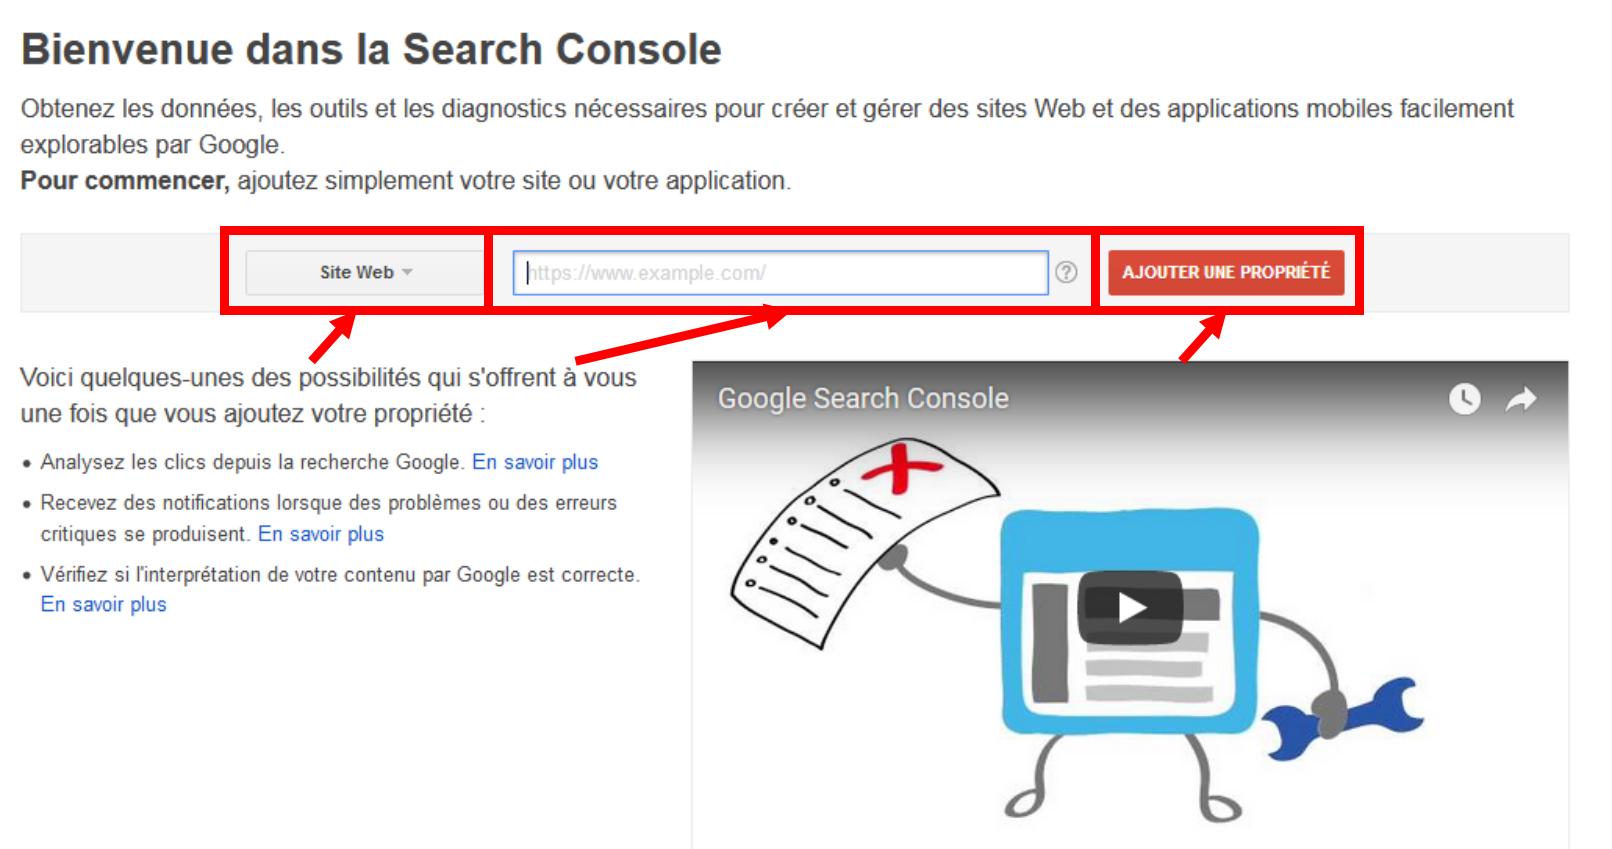 Ajout d'un nouveau site à la Google Search Console